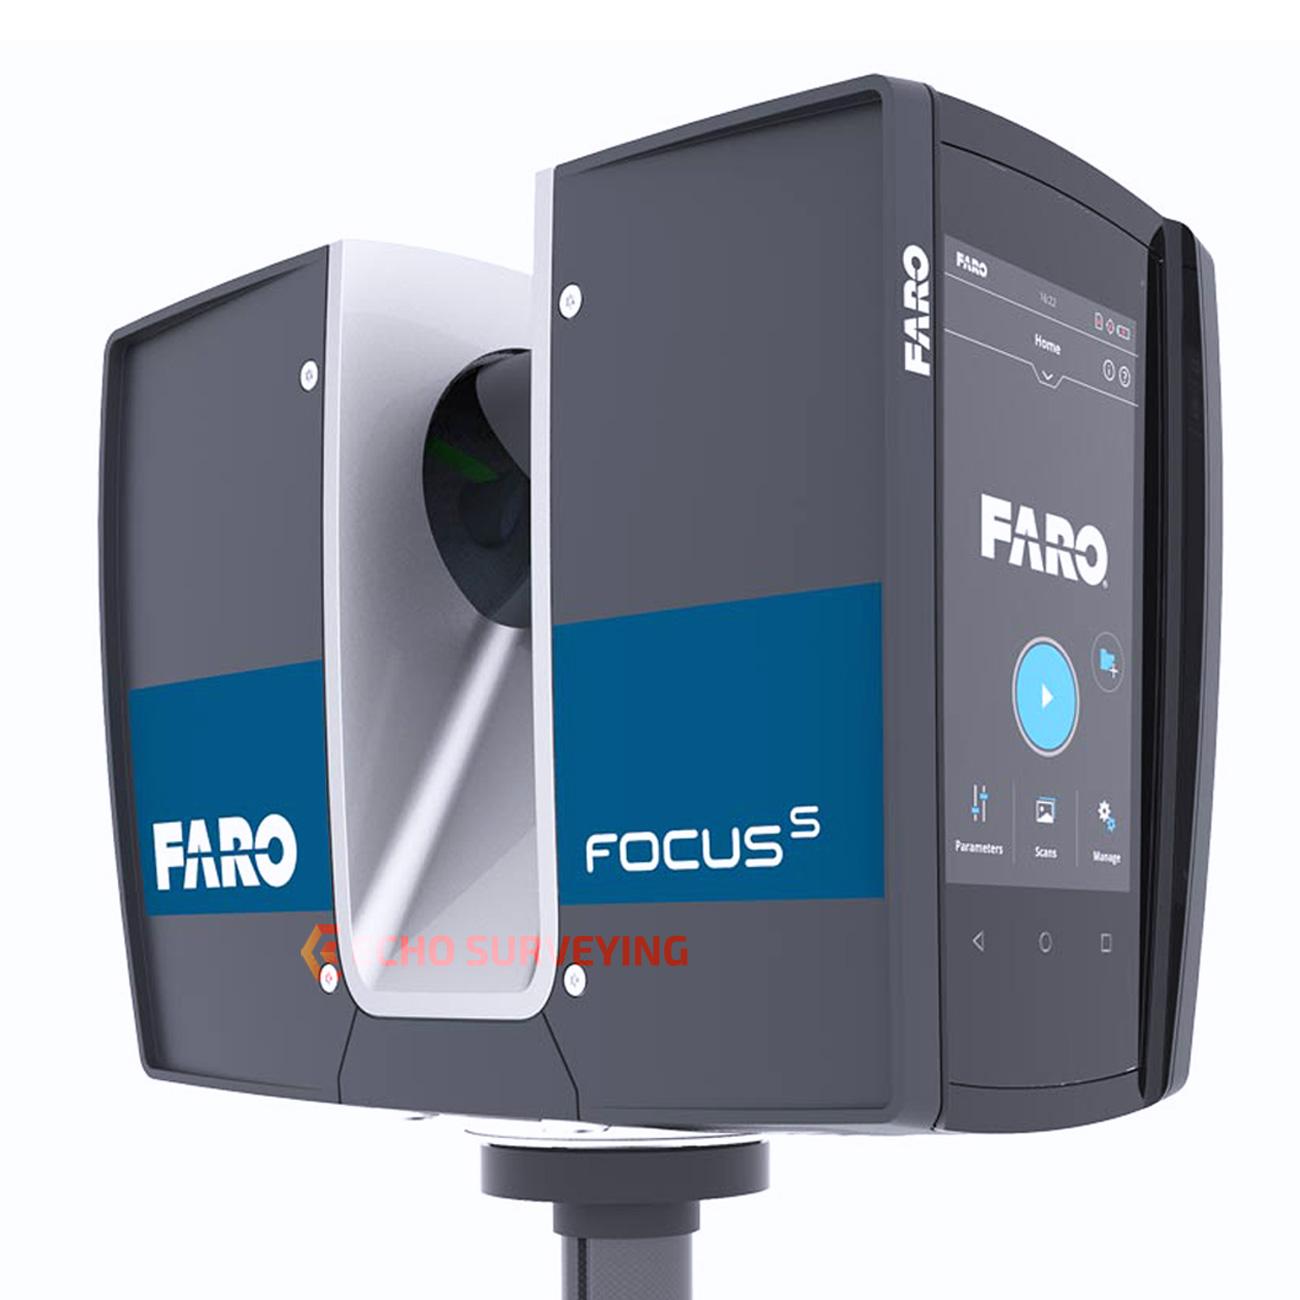 Faro-Focus-S70-Laser-Scanner.jpg